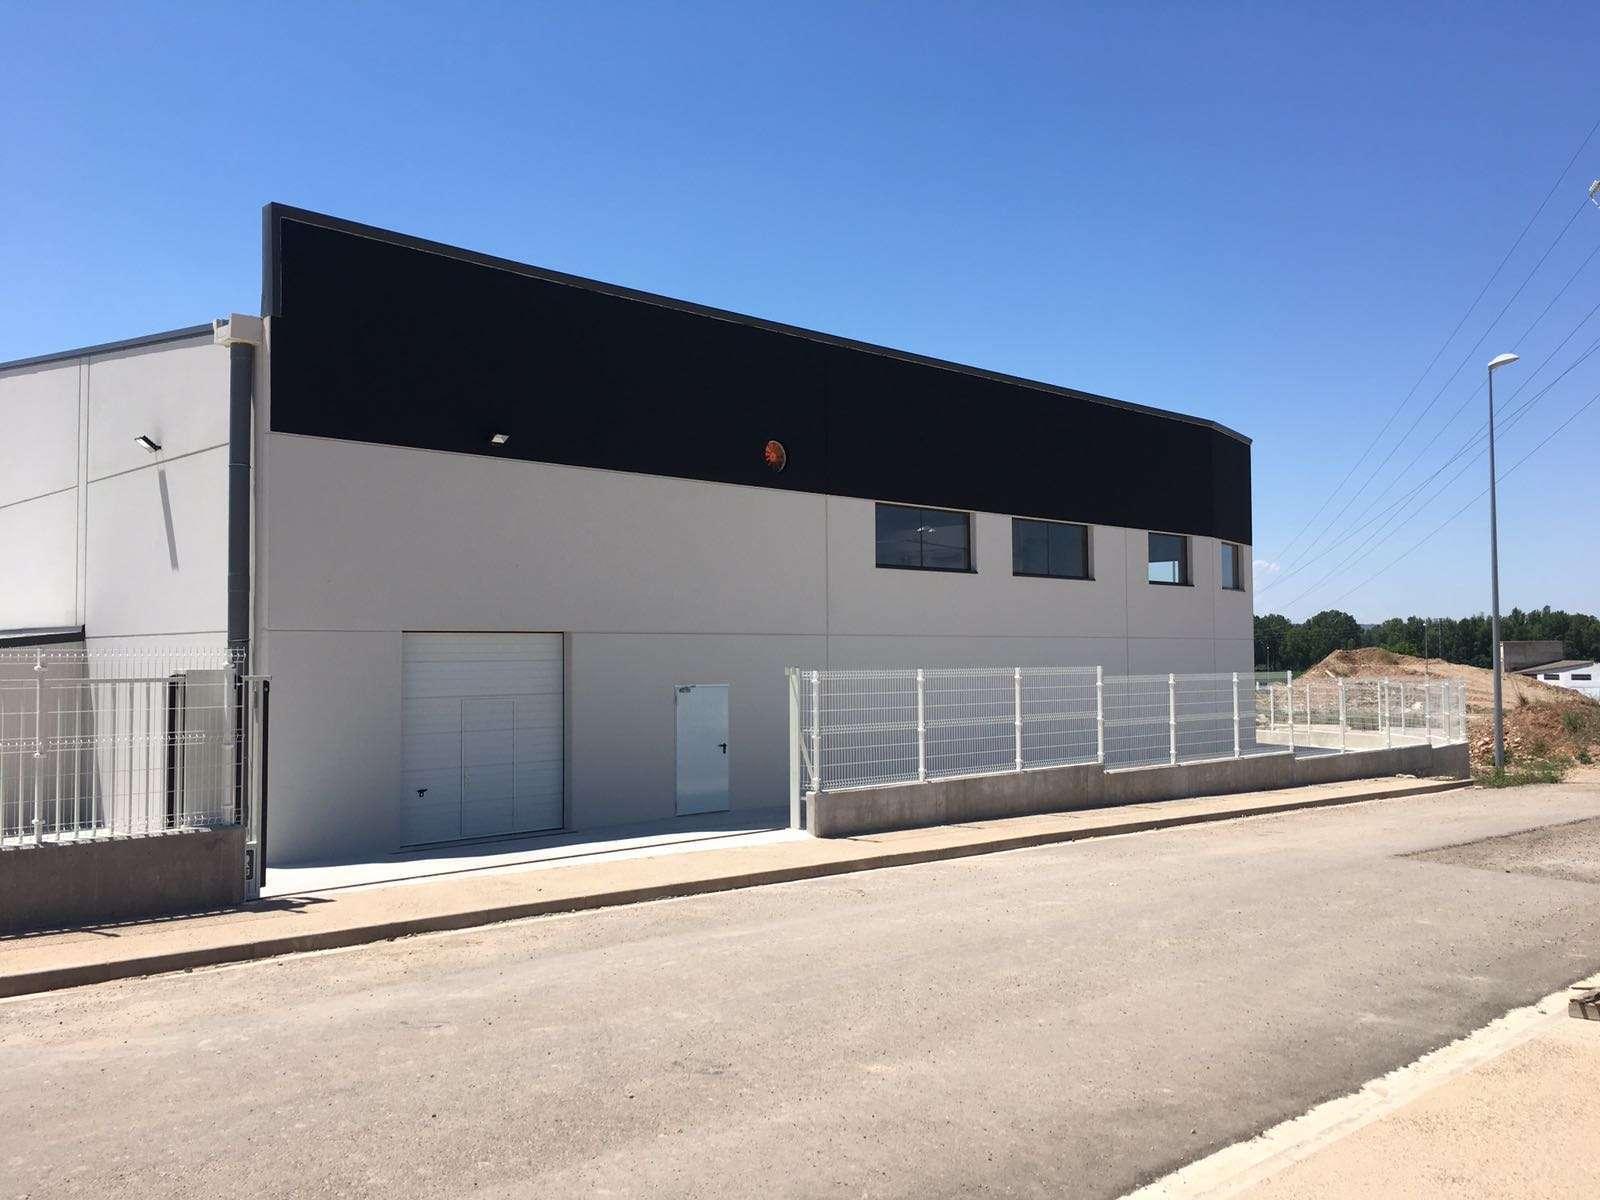 Construcción de un taller para cambio de neumáticos en Villamediana, La Rioja